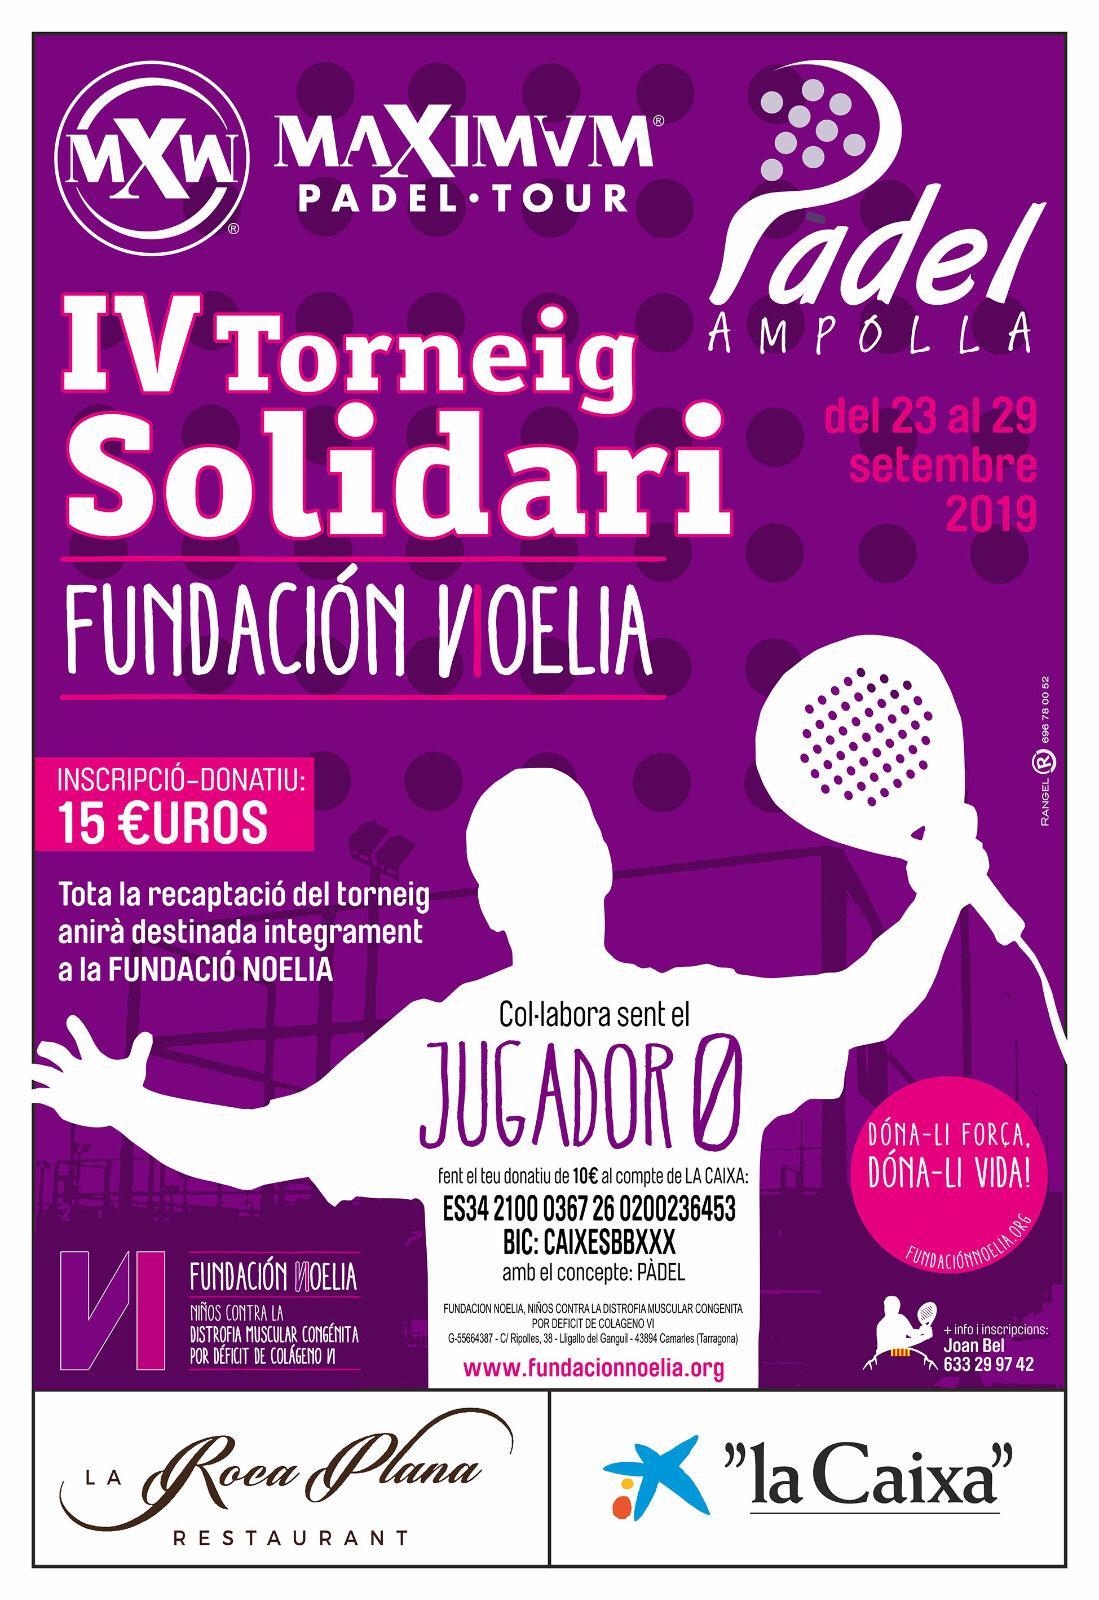 IV Torneo Solidario de Pádel Fundación Noelia